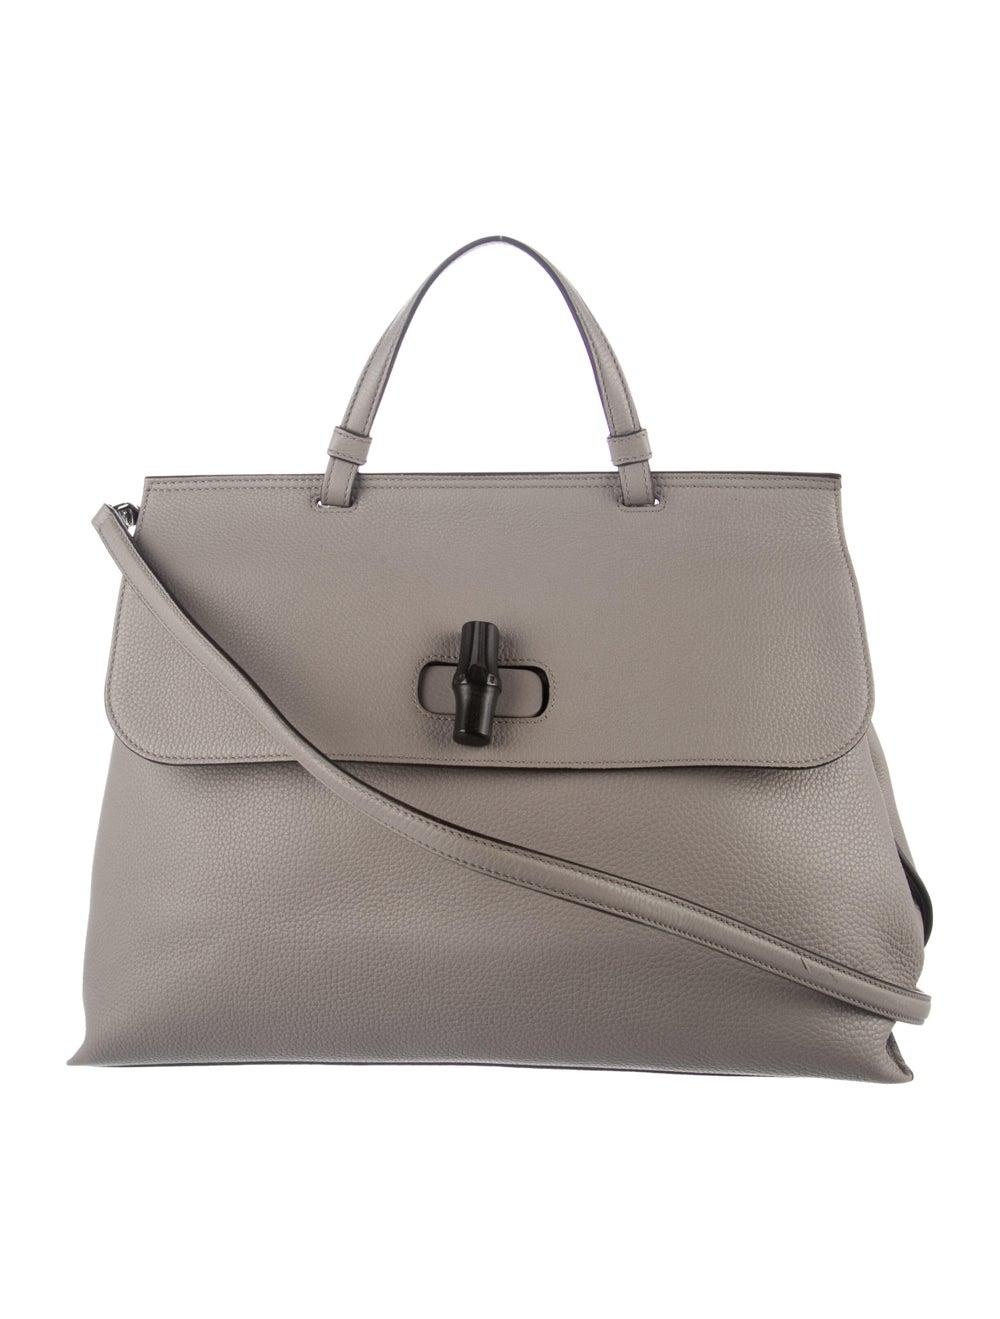 Gucci Large Daily Bamboo Handle Bag Grey - image 1